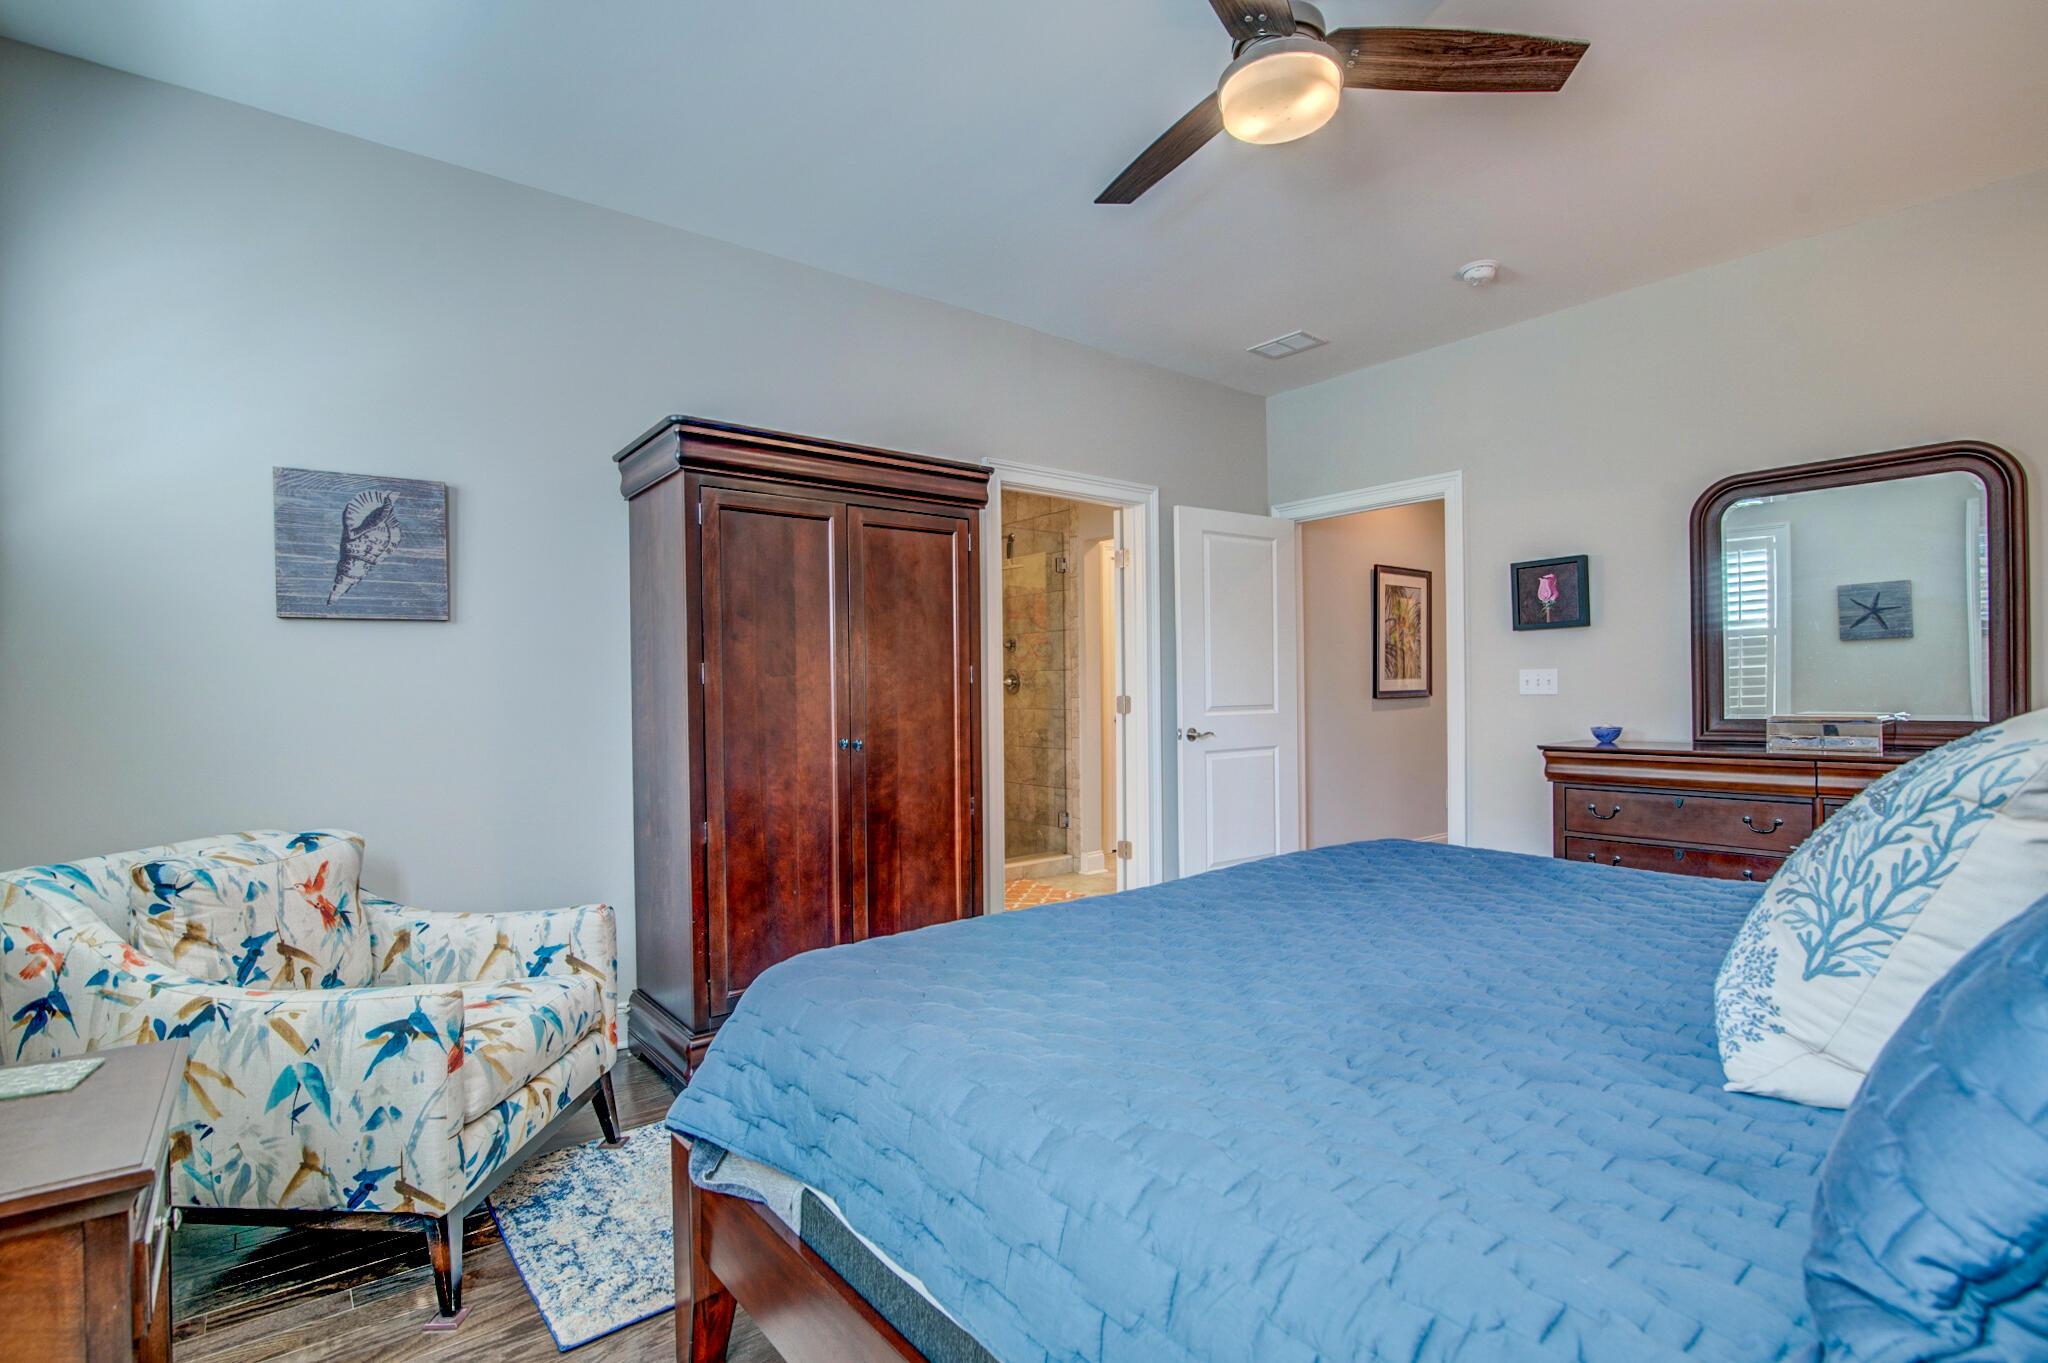 Whitesides Park Homes For Sale - 1102 Alagash Way, Mount Pleasant, SC - 34